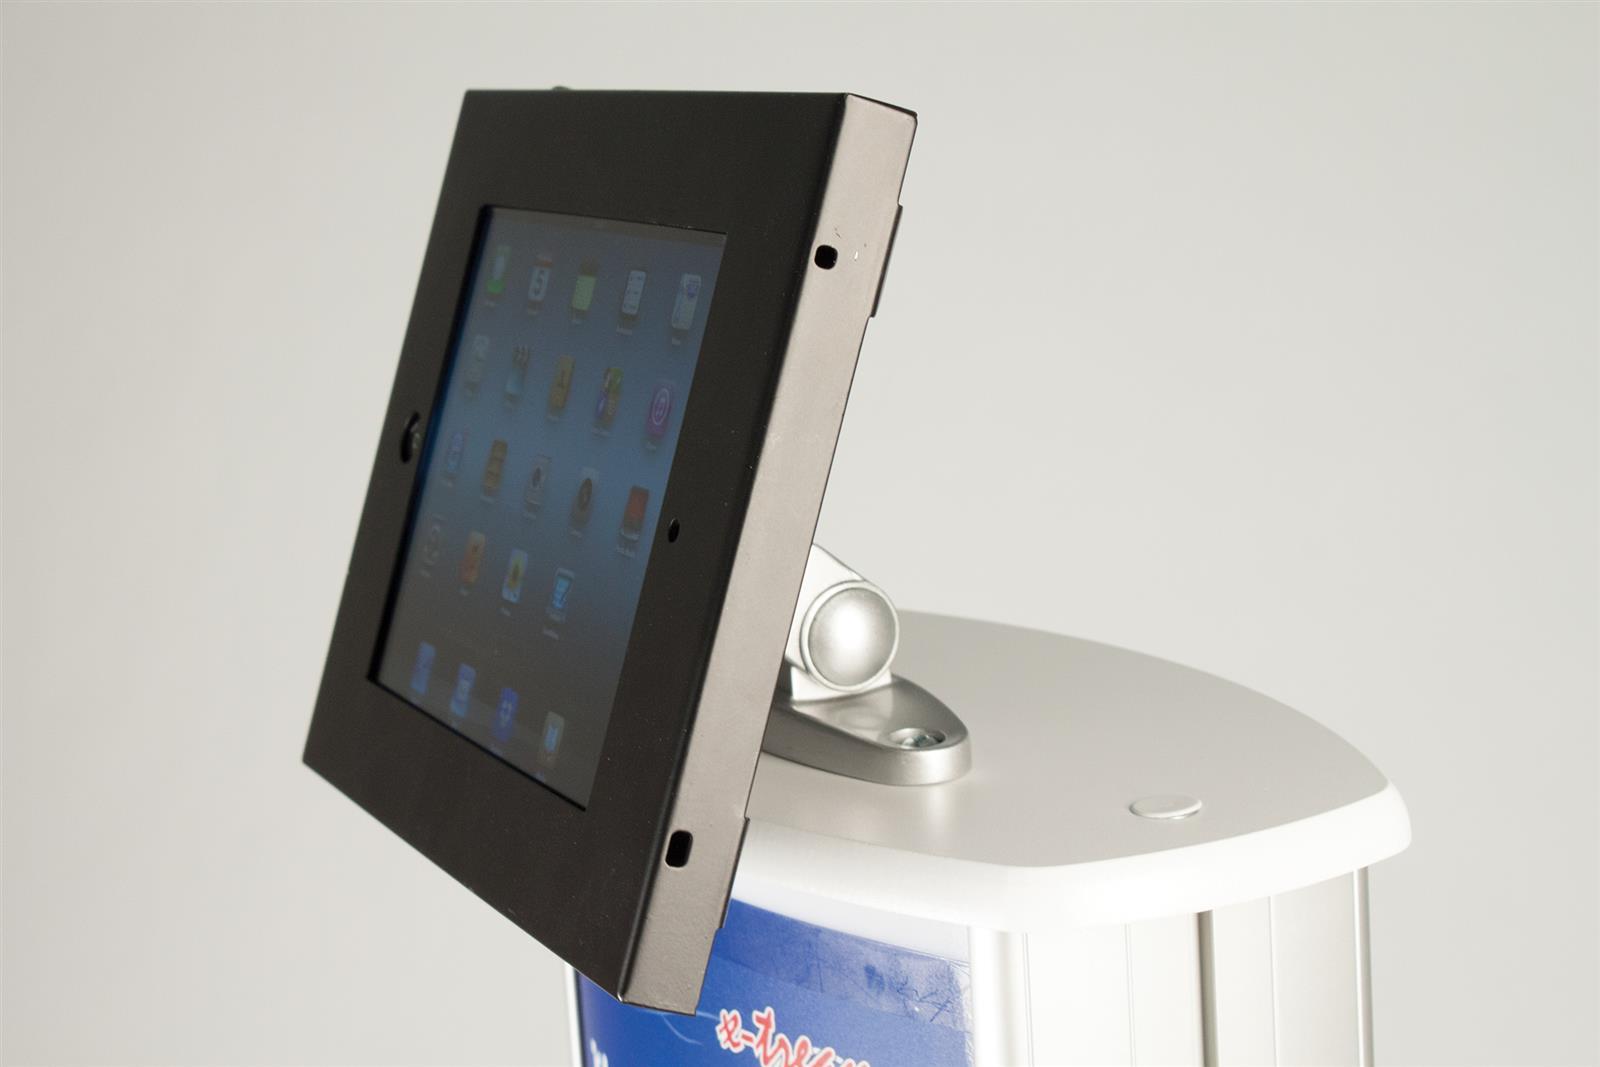 Physique Elan Exhibition Display Counter £215